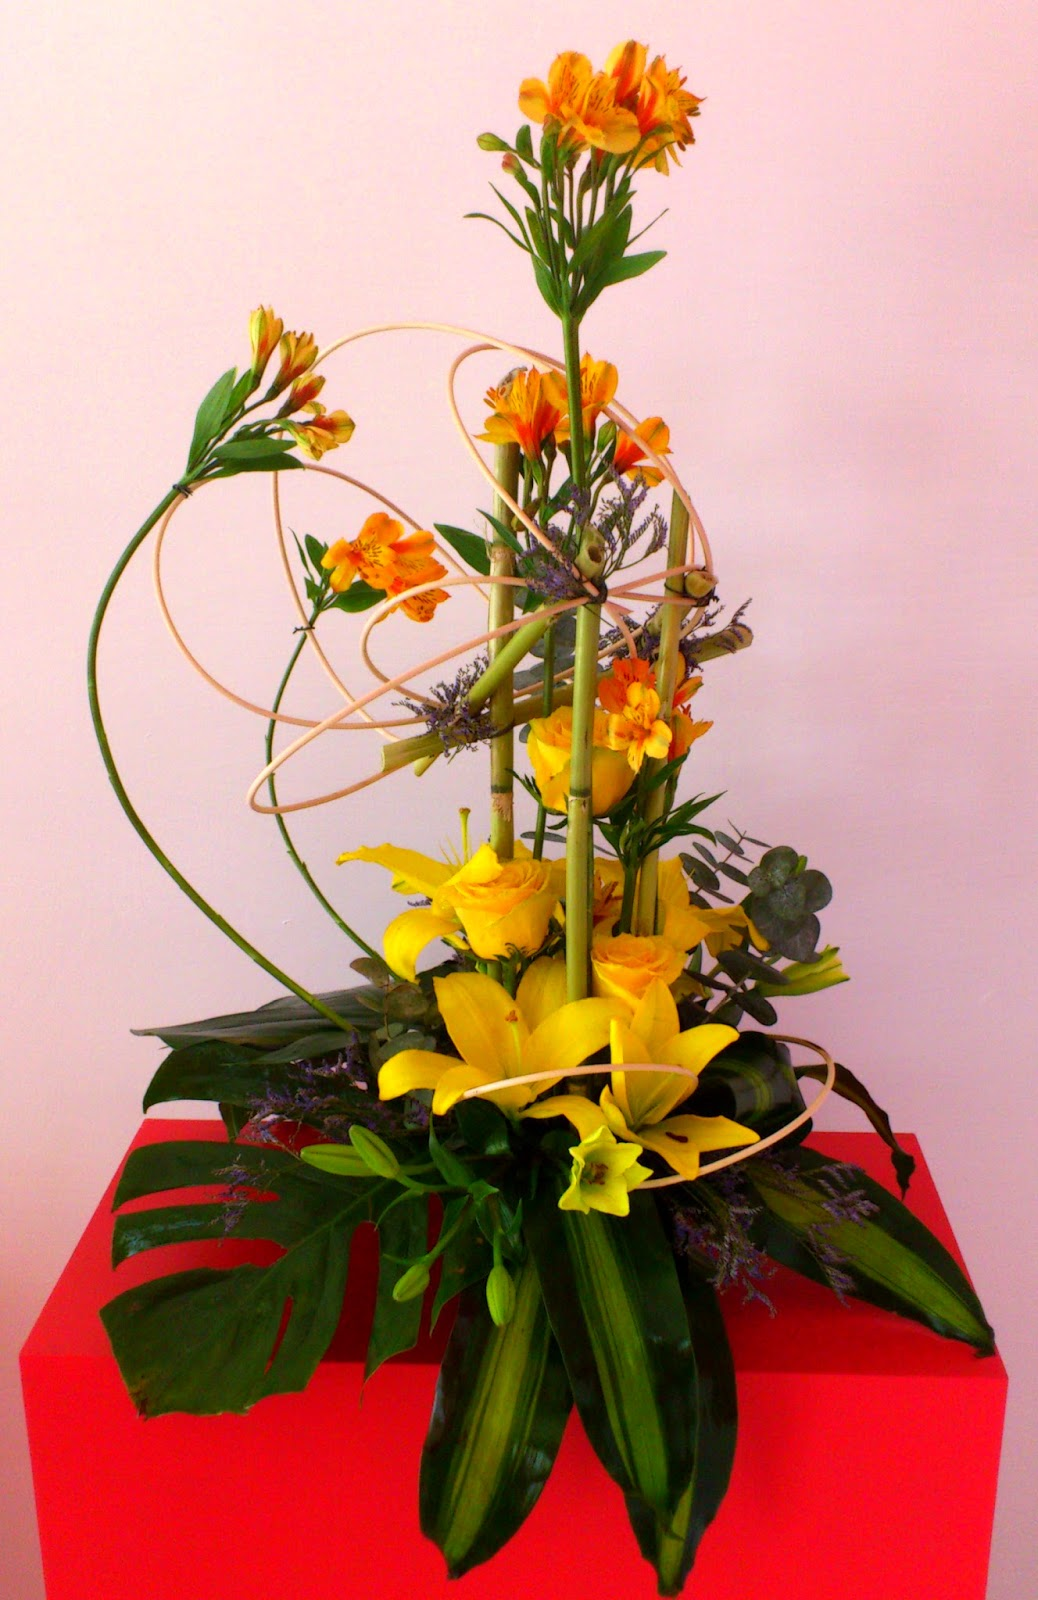 20 Imágenes bonitas de flores en alta calidad fotofrontera - Imagenes De Arreglos De Flores Hermosas